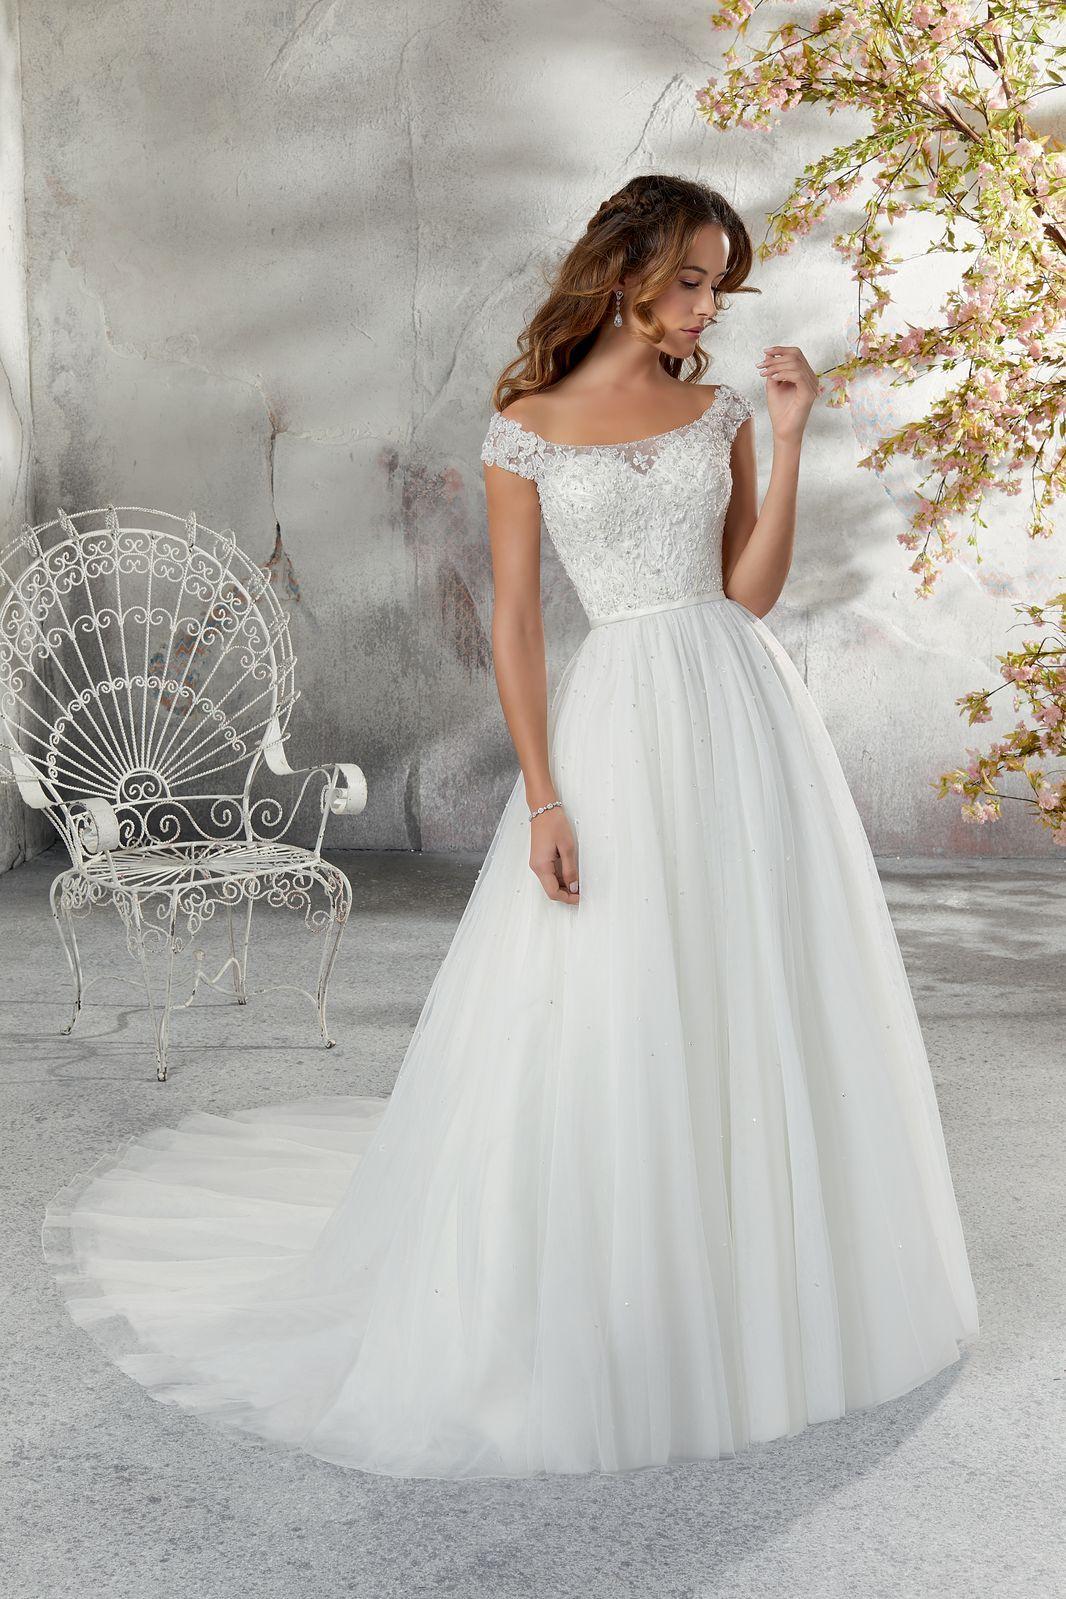 Model 5683 Miekka I Niezwykle Dziewczeca Tiulowa Suknia Slubna Gorset Z Dekoltem W Lodke I R Bateau Wedding Dress Ball Gowns Wedding Wedding Dress Necklines